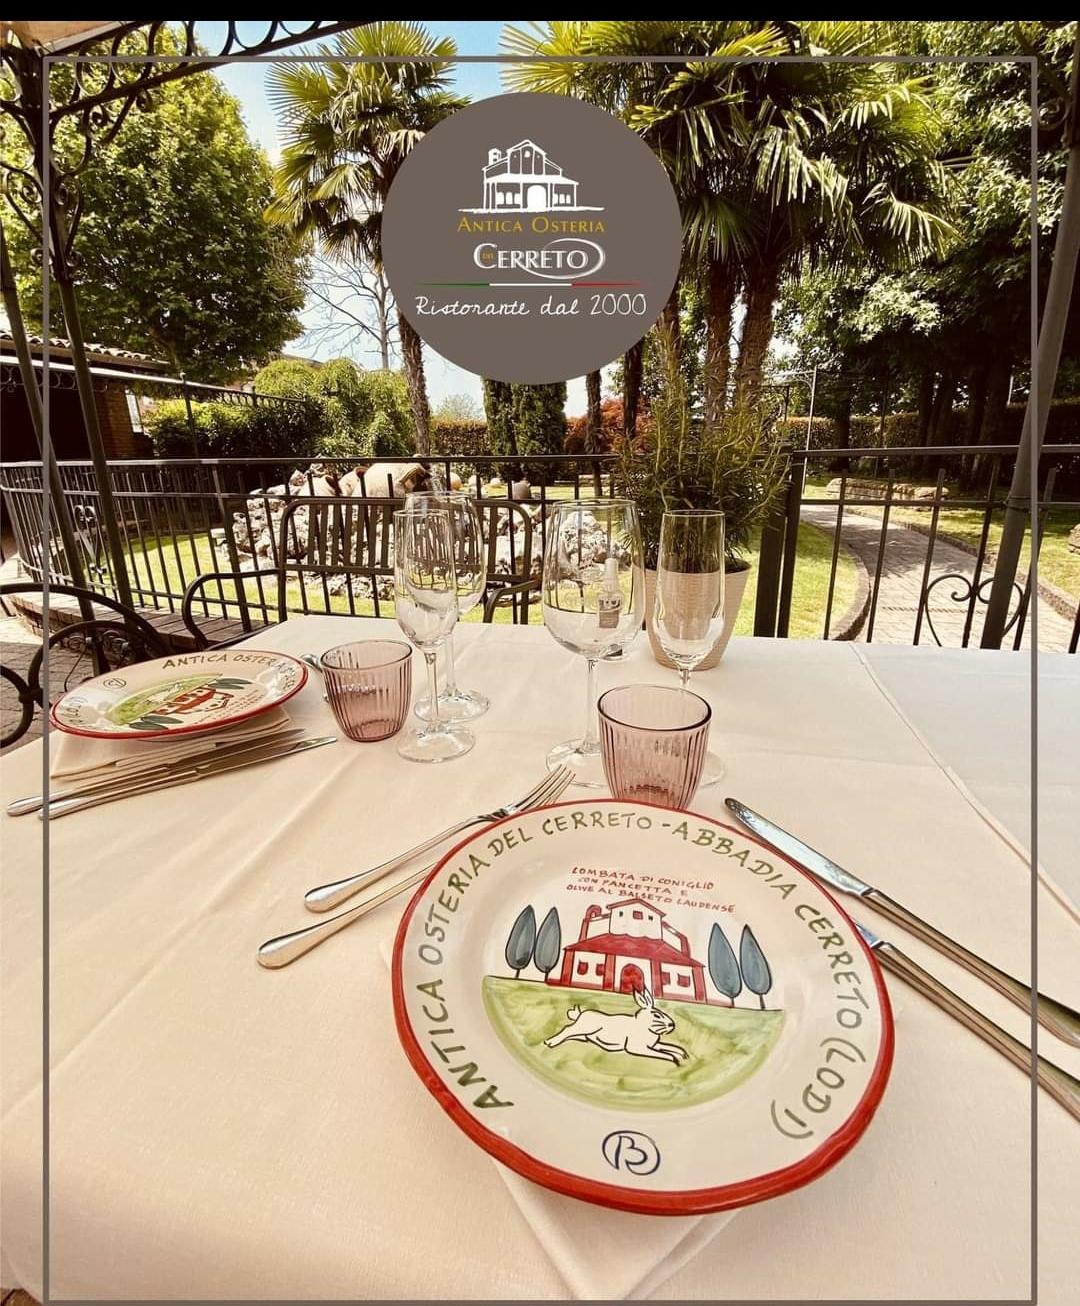 Con le riaperture, insieme all'Antica Osteria del Cerreto, riparte il menù dedicato al circuito (storico) del Buon Ricordo!